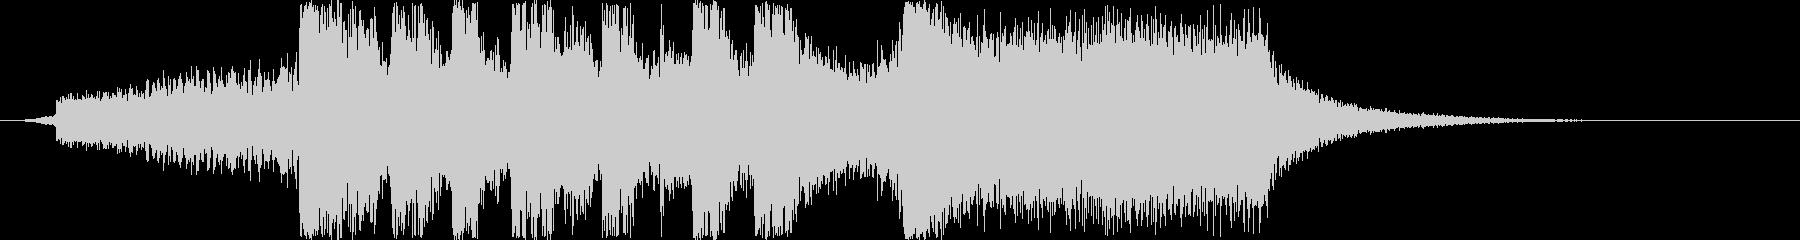 シンセオープニングインパクトの未再生の波形